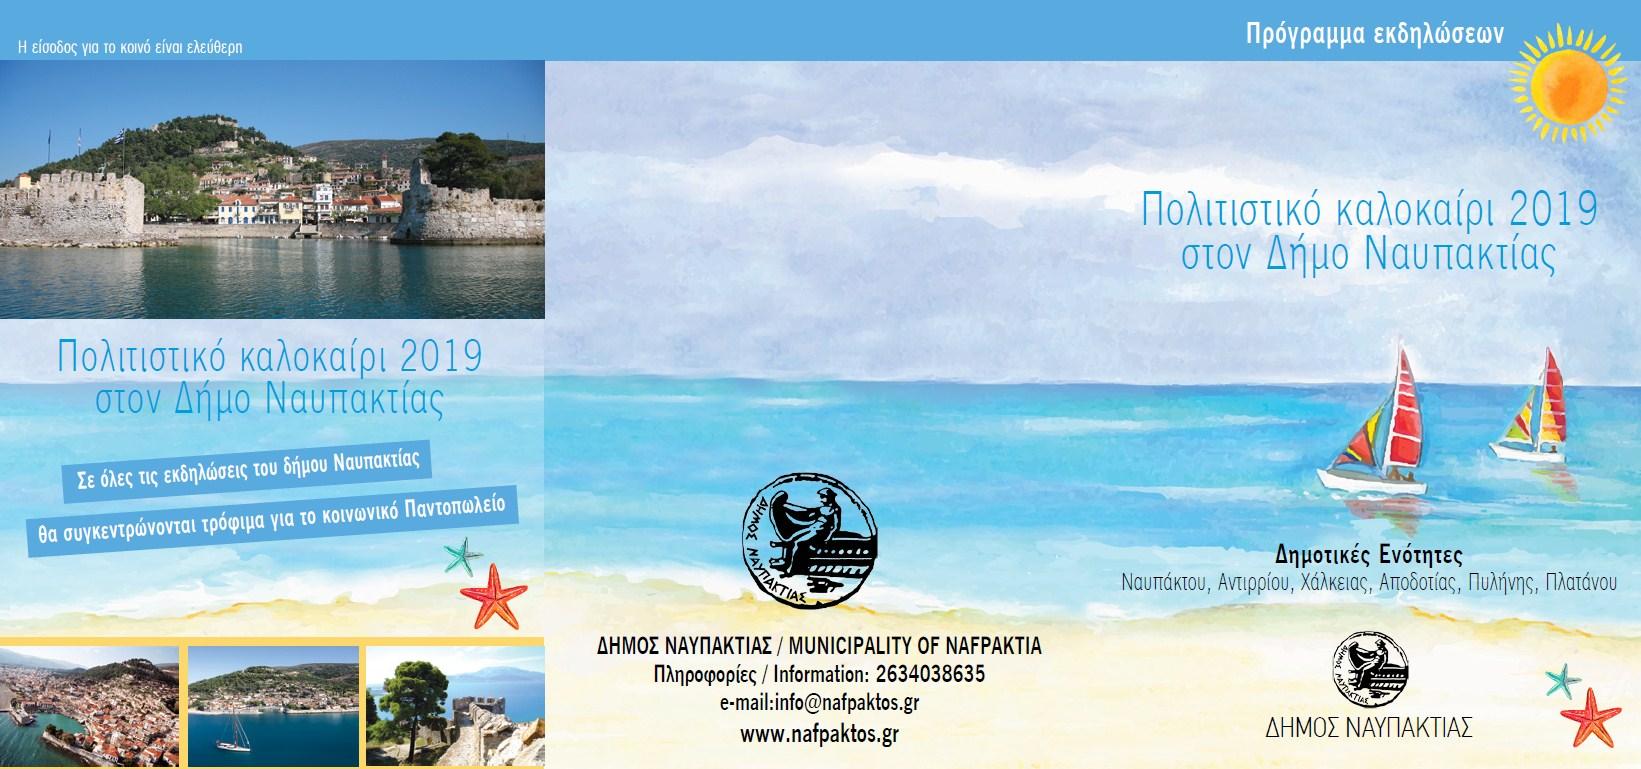 """""""Πολιτιστικό Καλοκαίρι"""" – Το πρόγραμμα των εκδηλώσεων στον Δήμο Ναυπακτίας"""